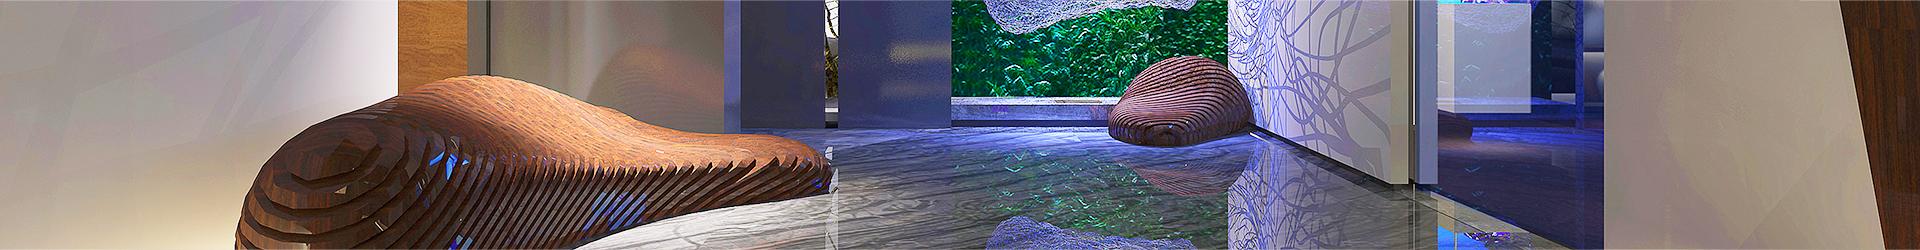 厦门北京11选5开奖结果公告思装饰 厦门别墅装修设计 楼中楼装修设计 厦门高端装修公司阳光报价